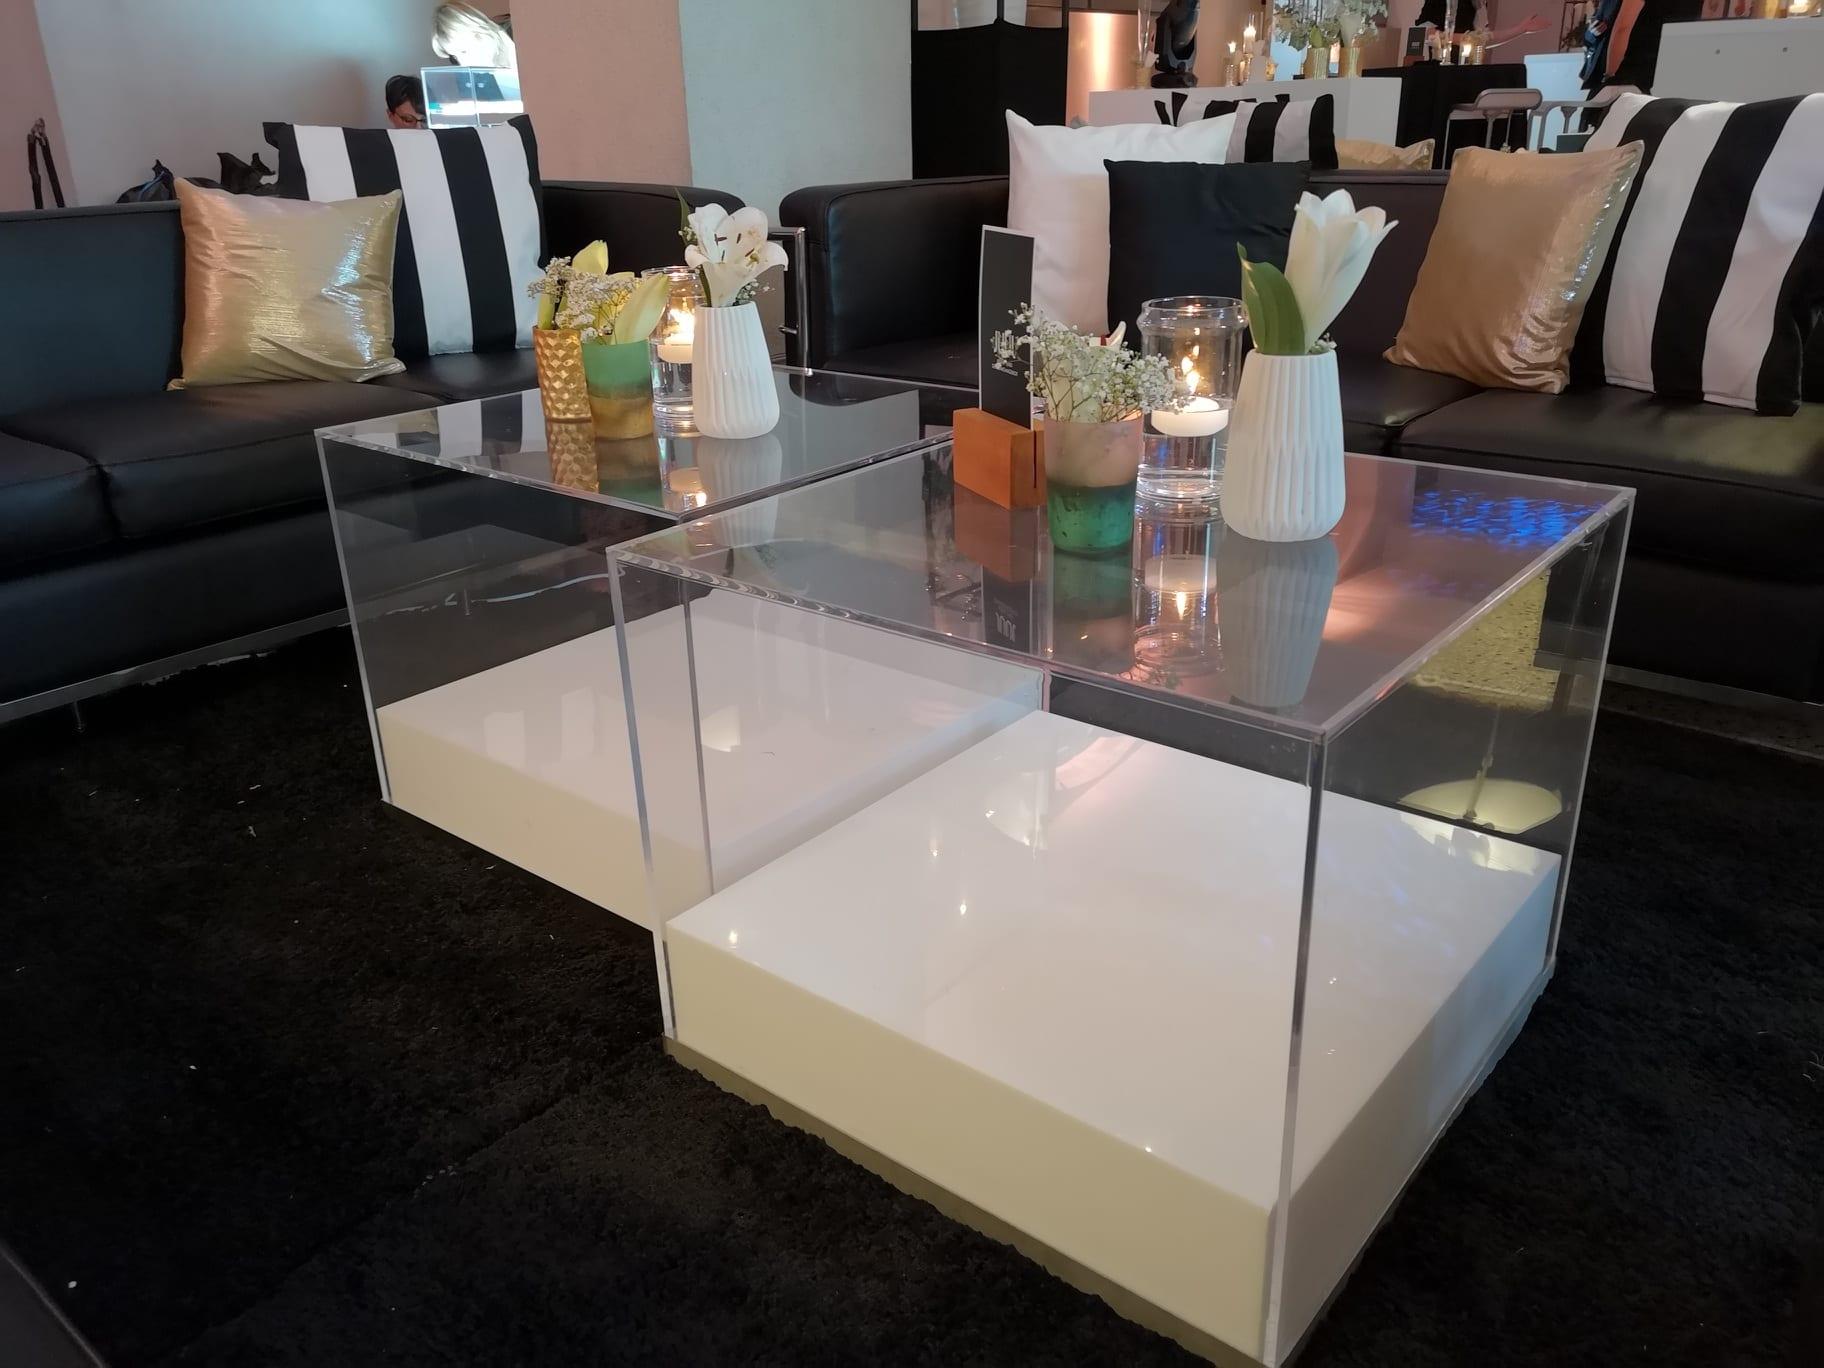 beistell-tisch visual cube mieten rent-a-lounge 8